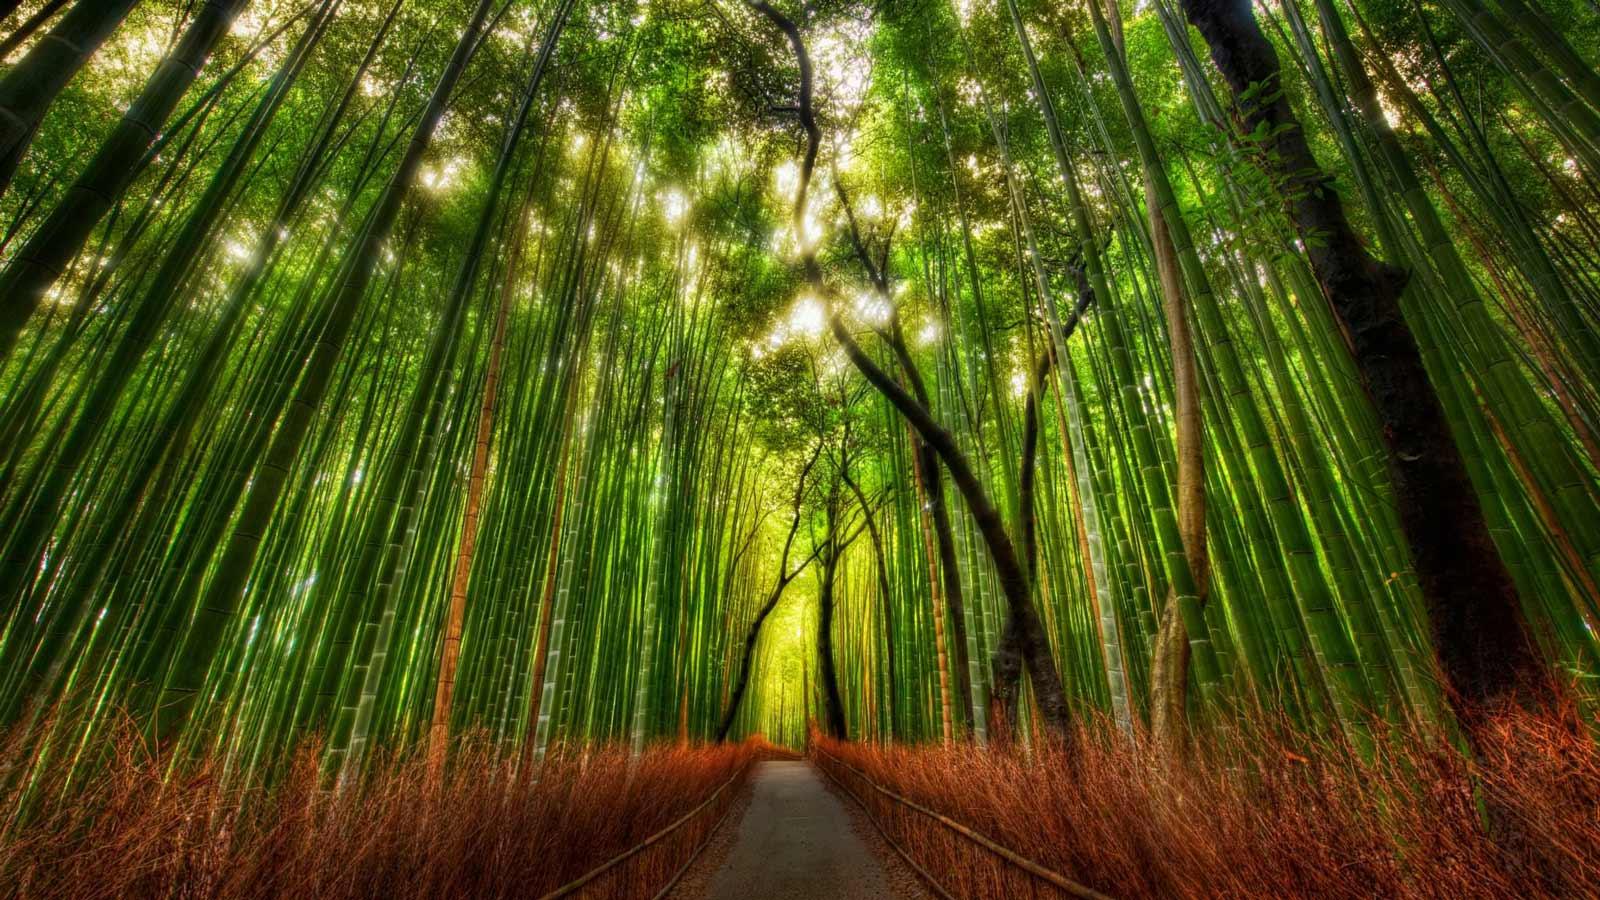 of earth ro bamboo